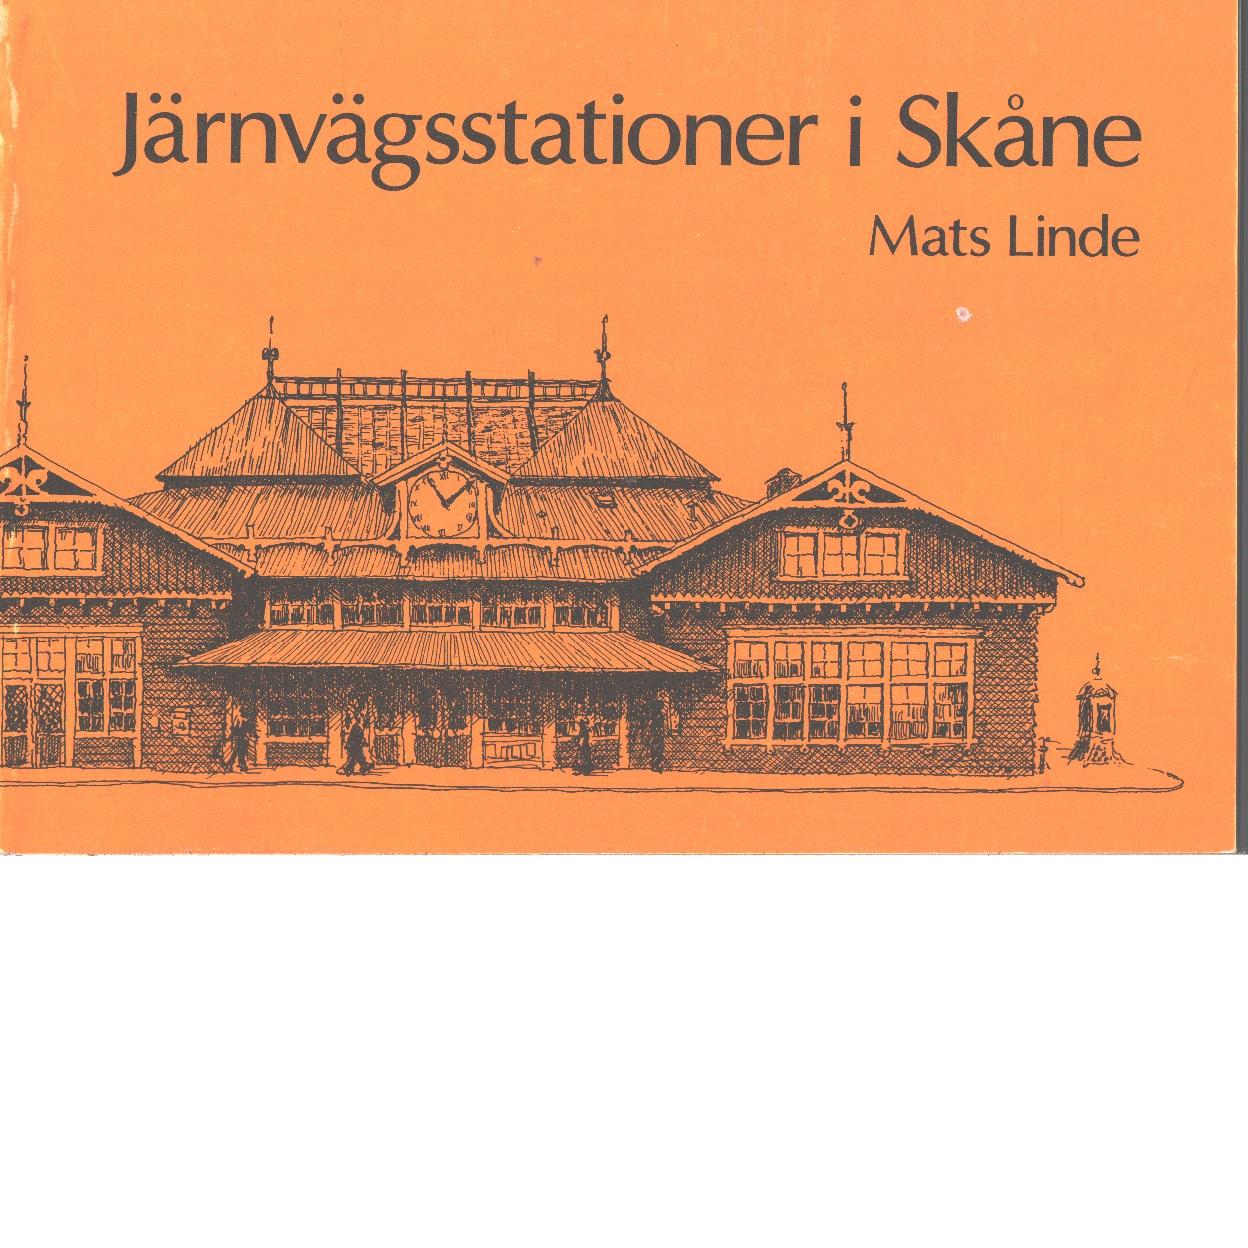 Järnvägsstationer i Skåne - Linde, Mats